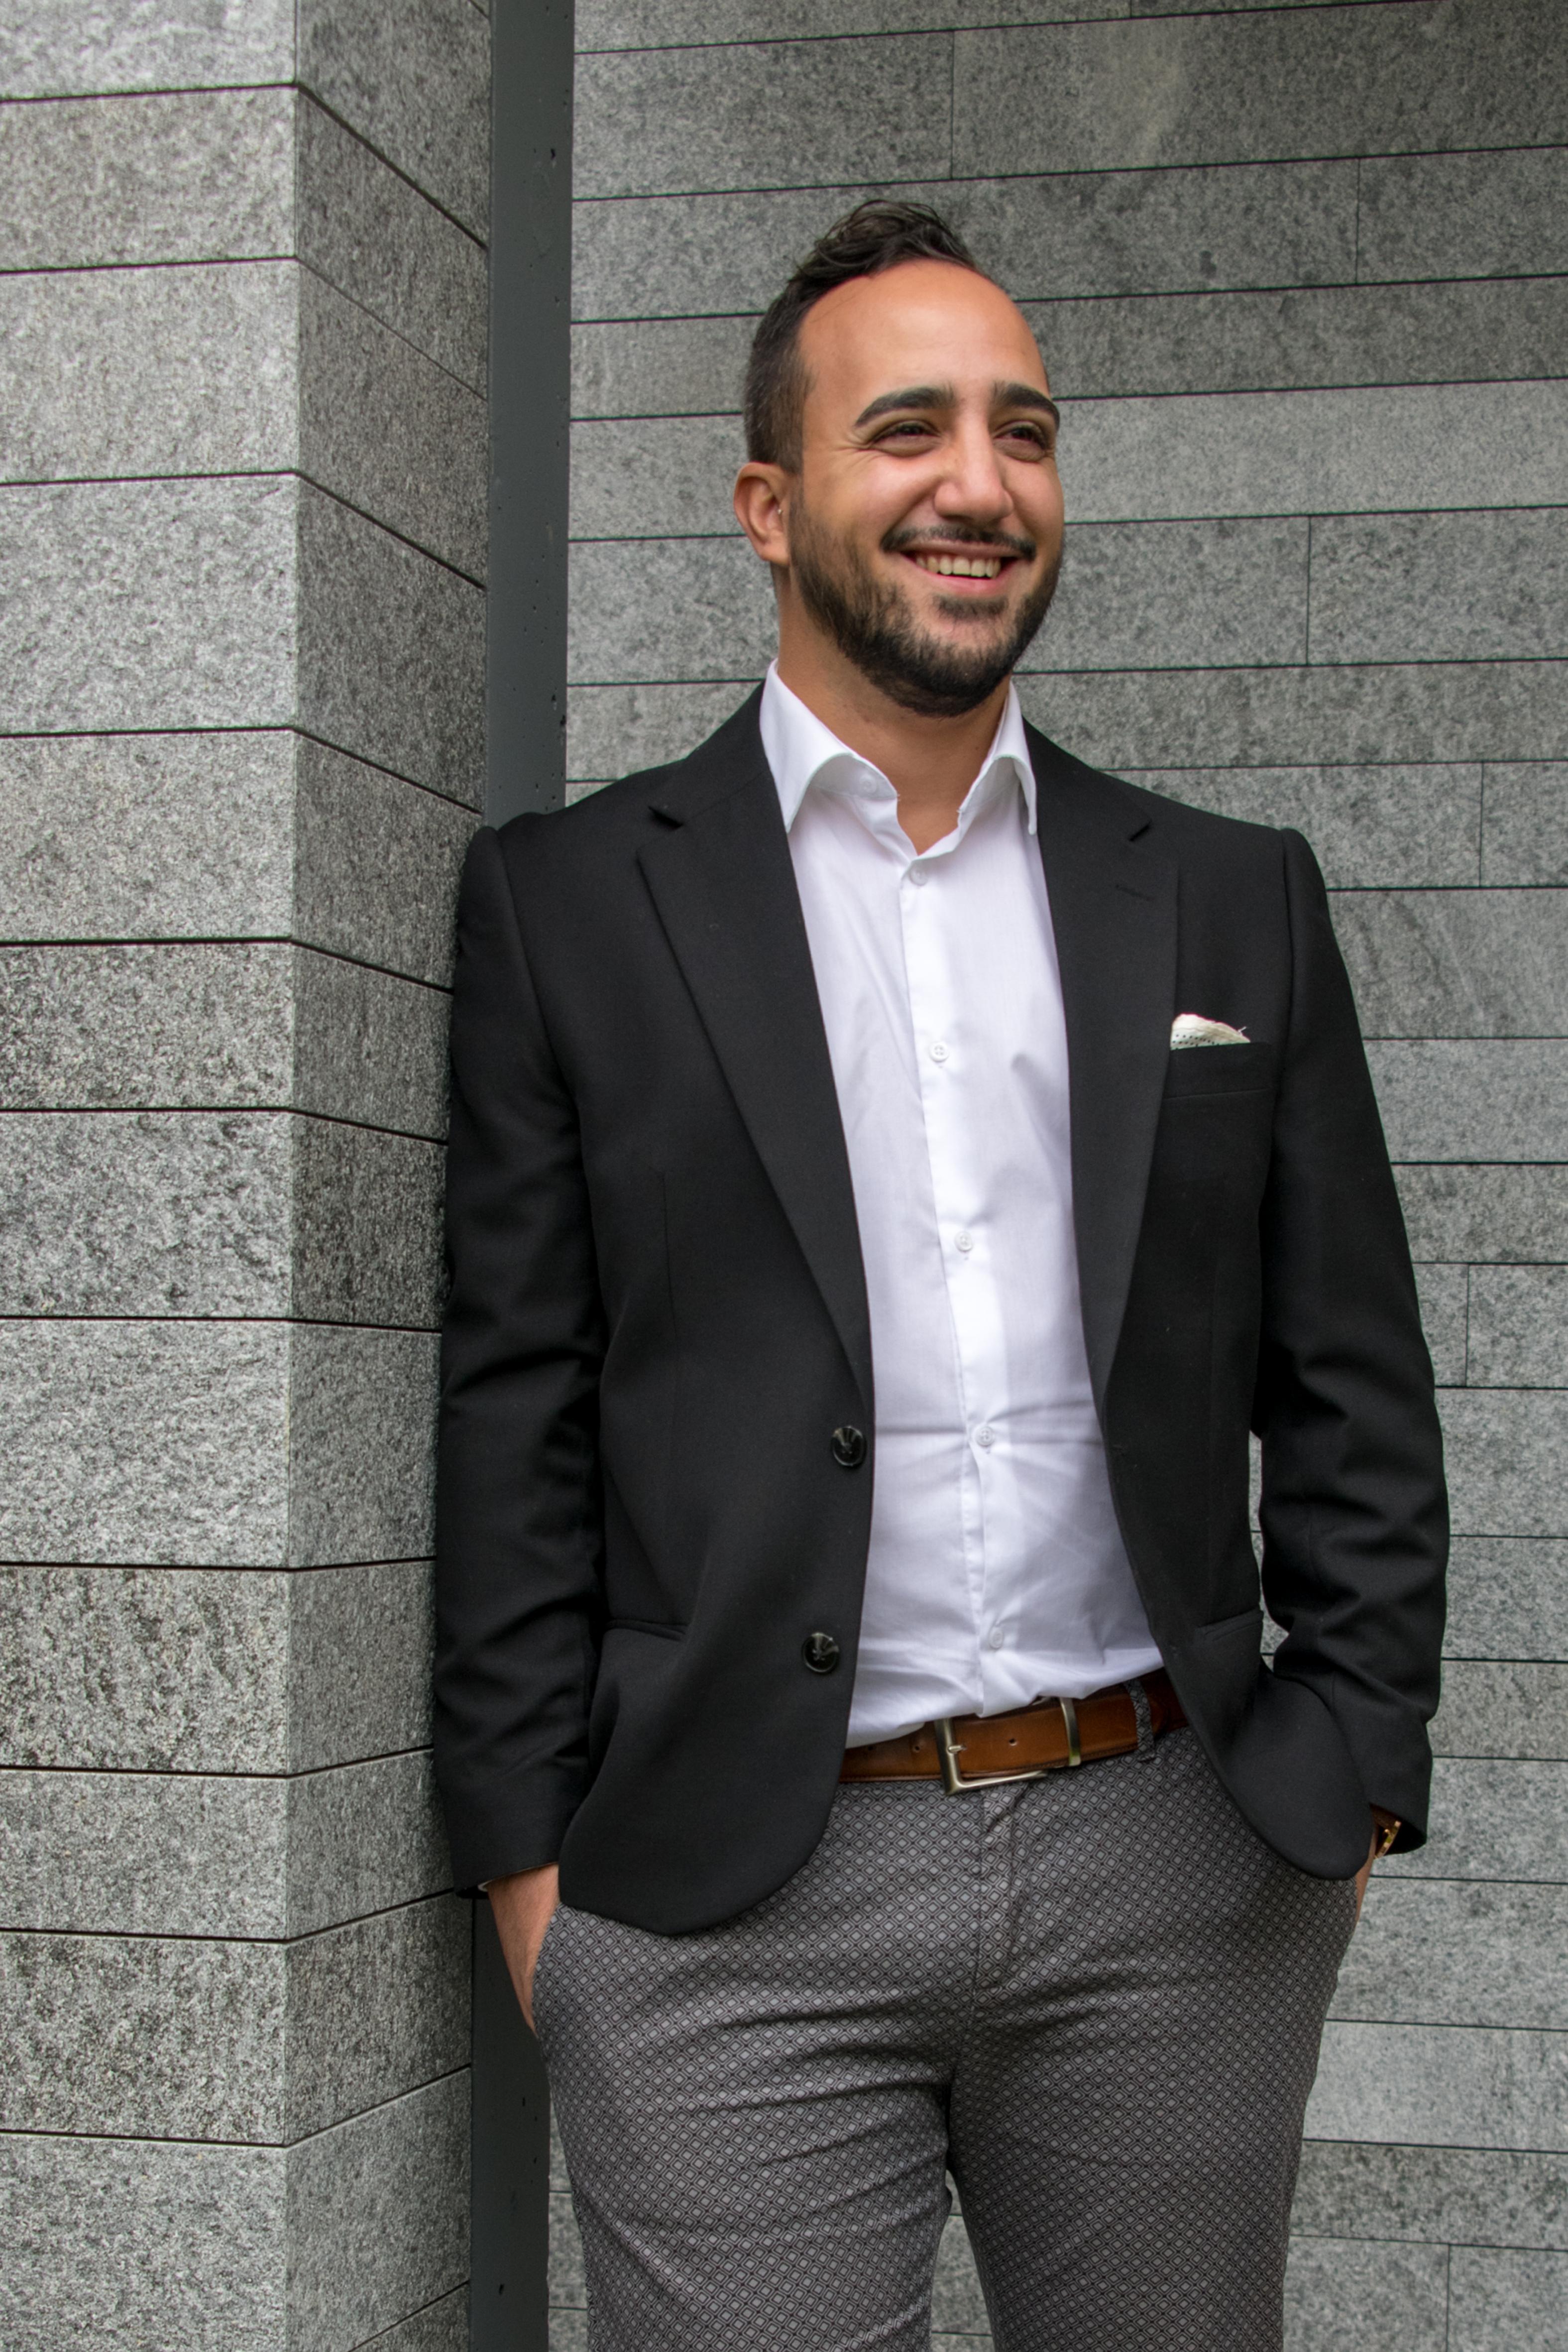 Portrait von Ilario Massaro, Geschäftsführer IM Studio AG, Interior Designer und Innenarchitekt